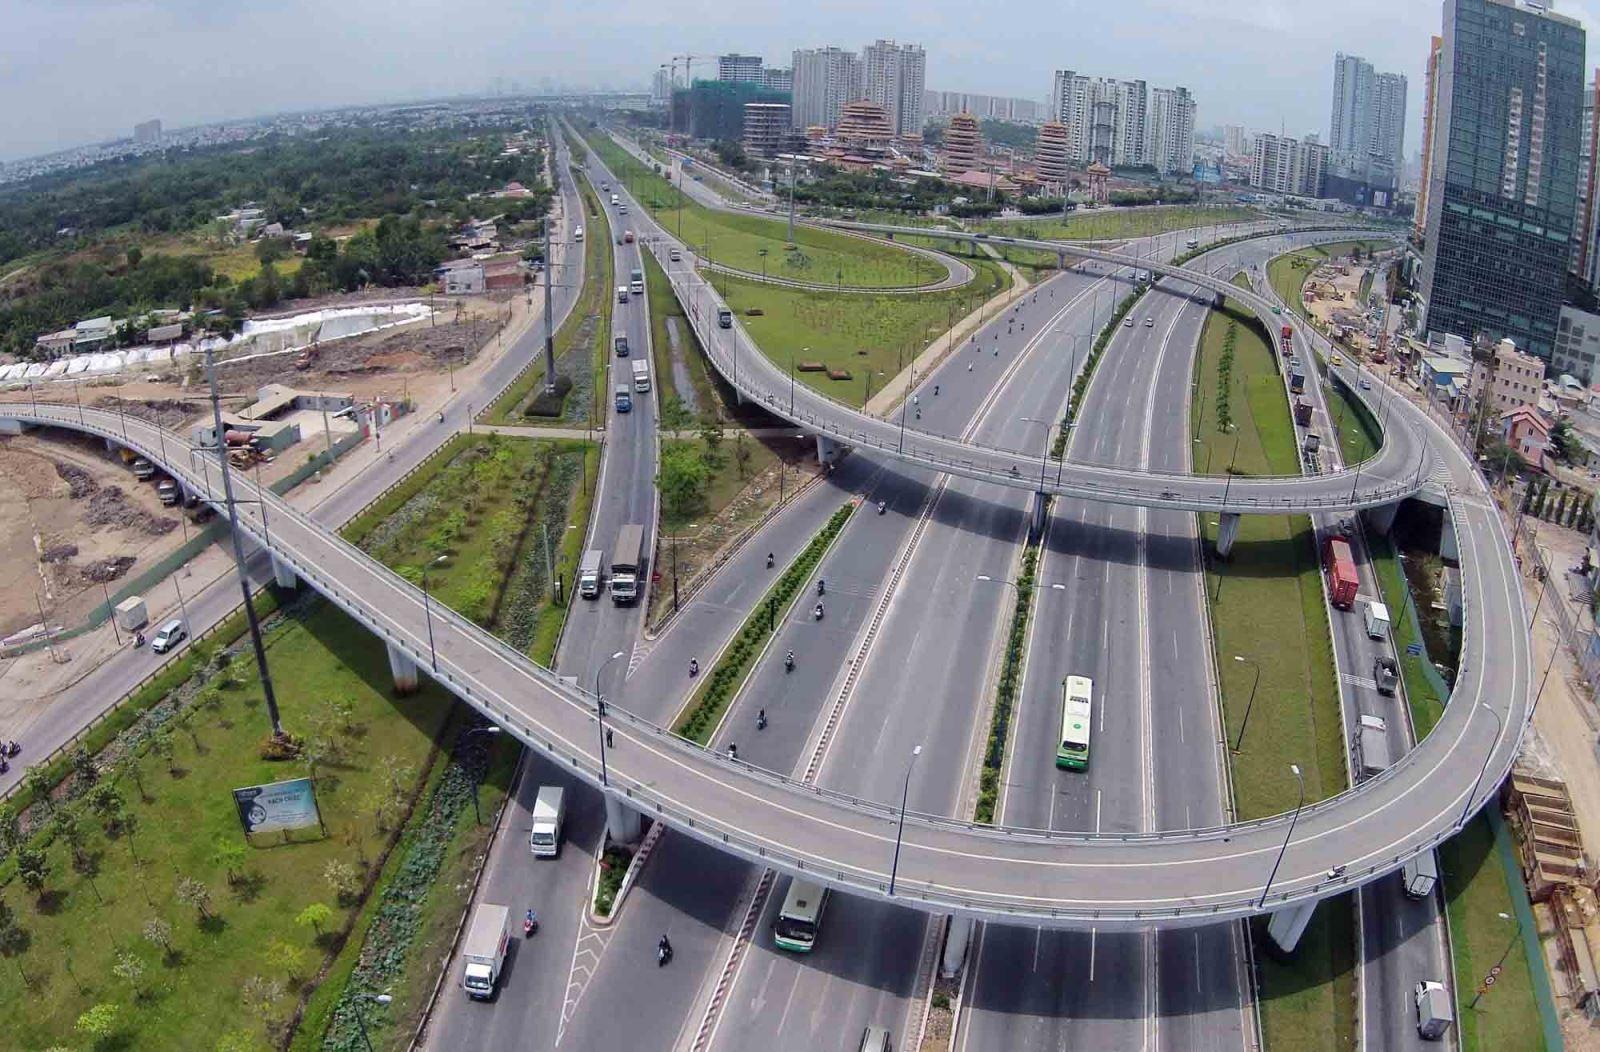 Khó phân cấp quản lý bảo trì Quốc lộ vì vướng nhiều luật